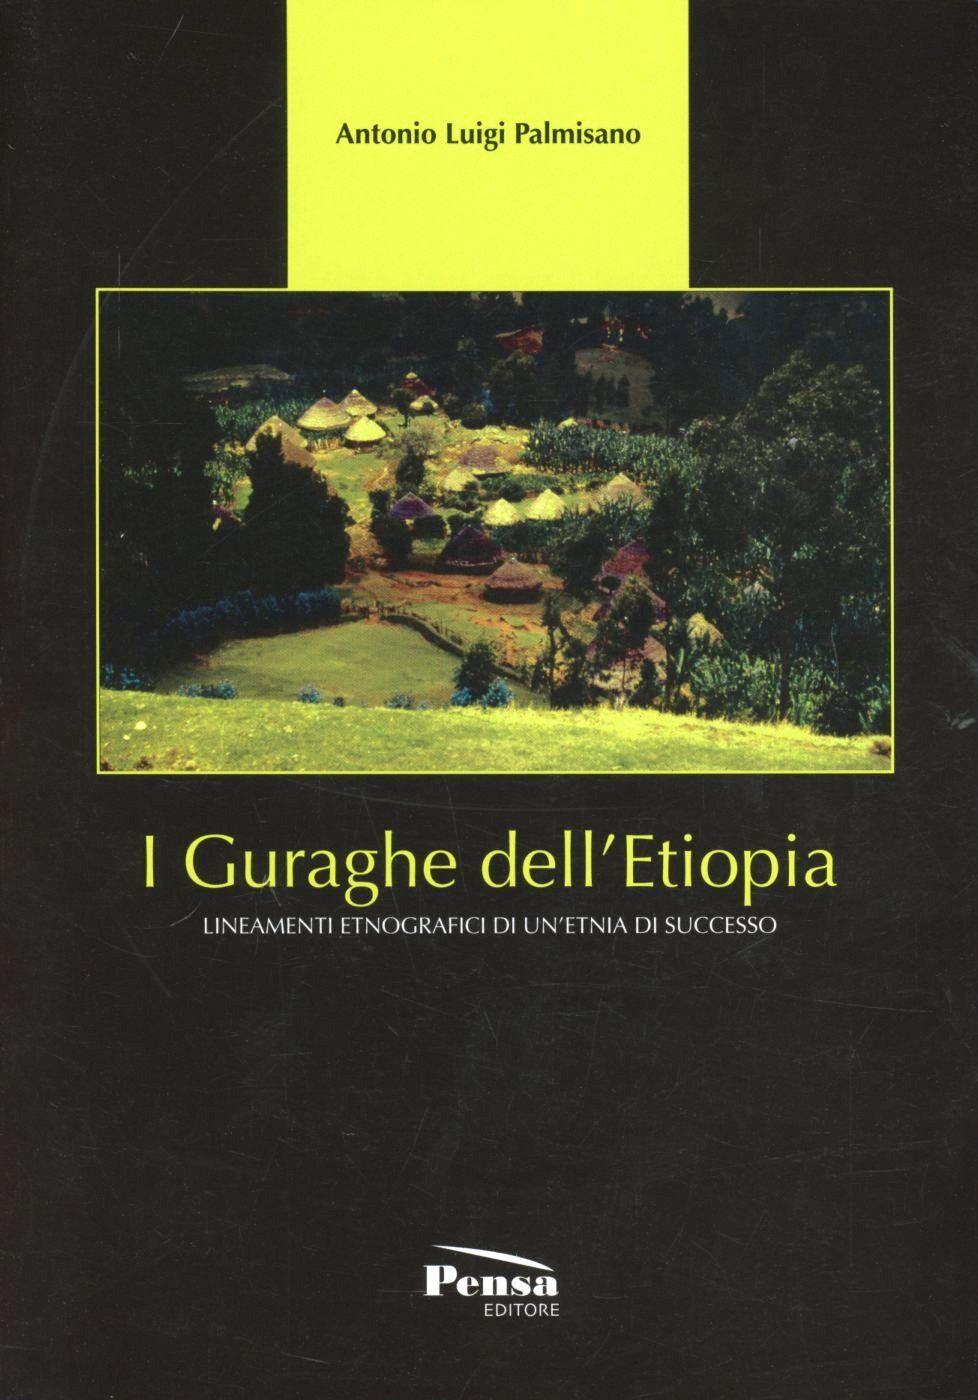 I Guraghe dell'Etiopia. Lineamenti etnografici di un'etnia di successo